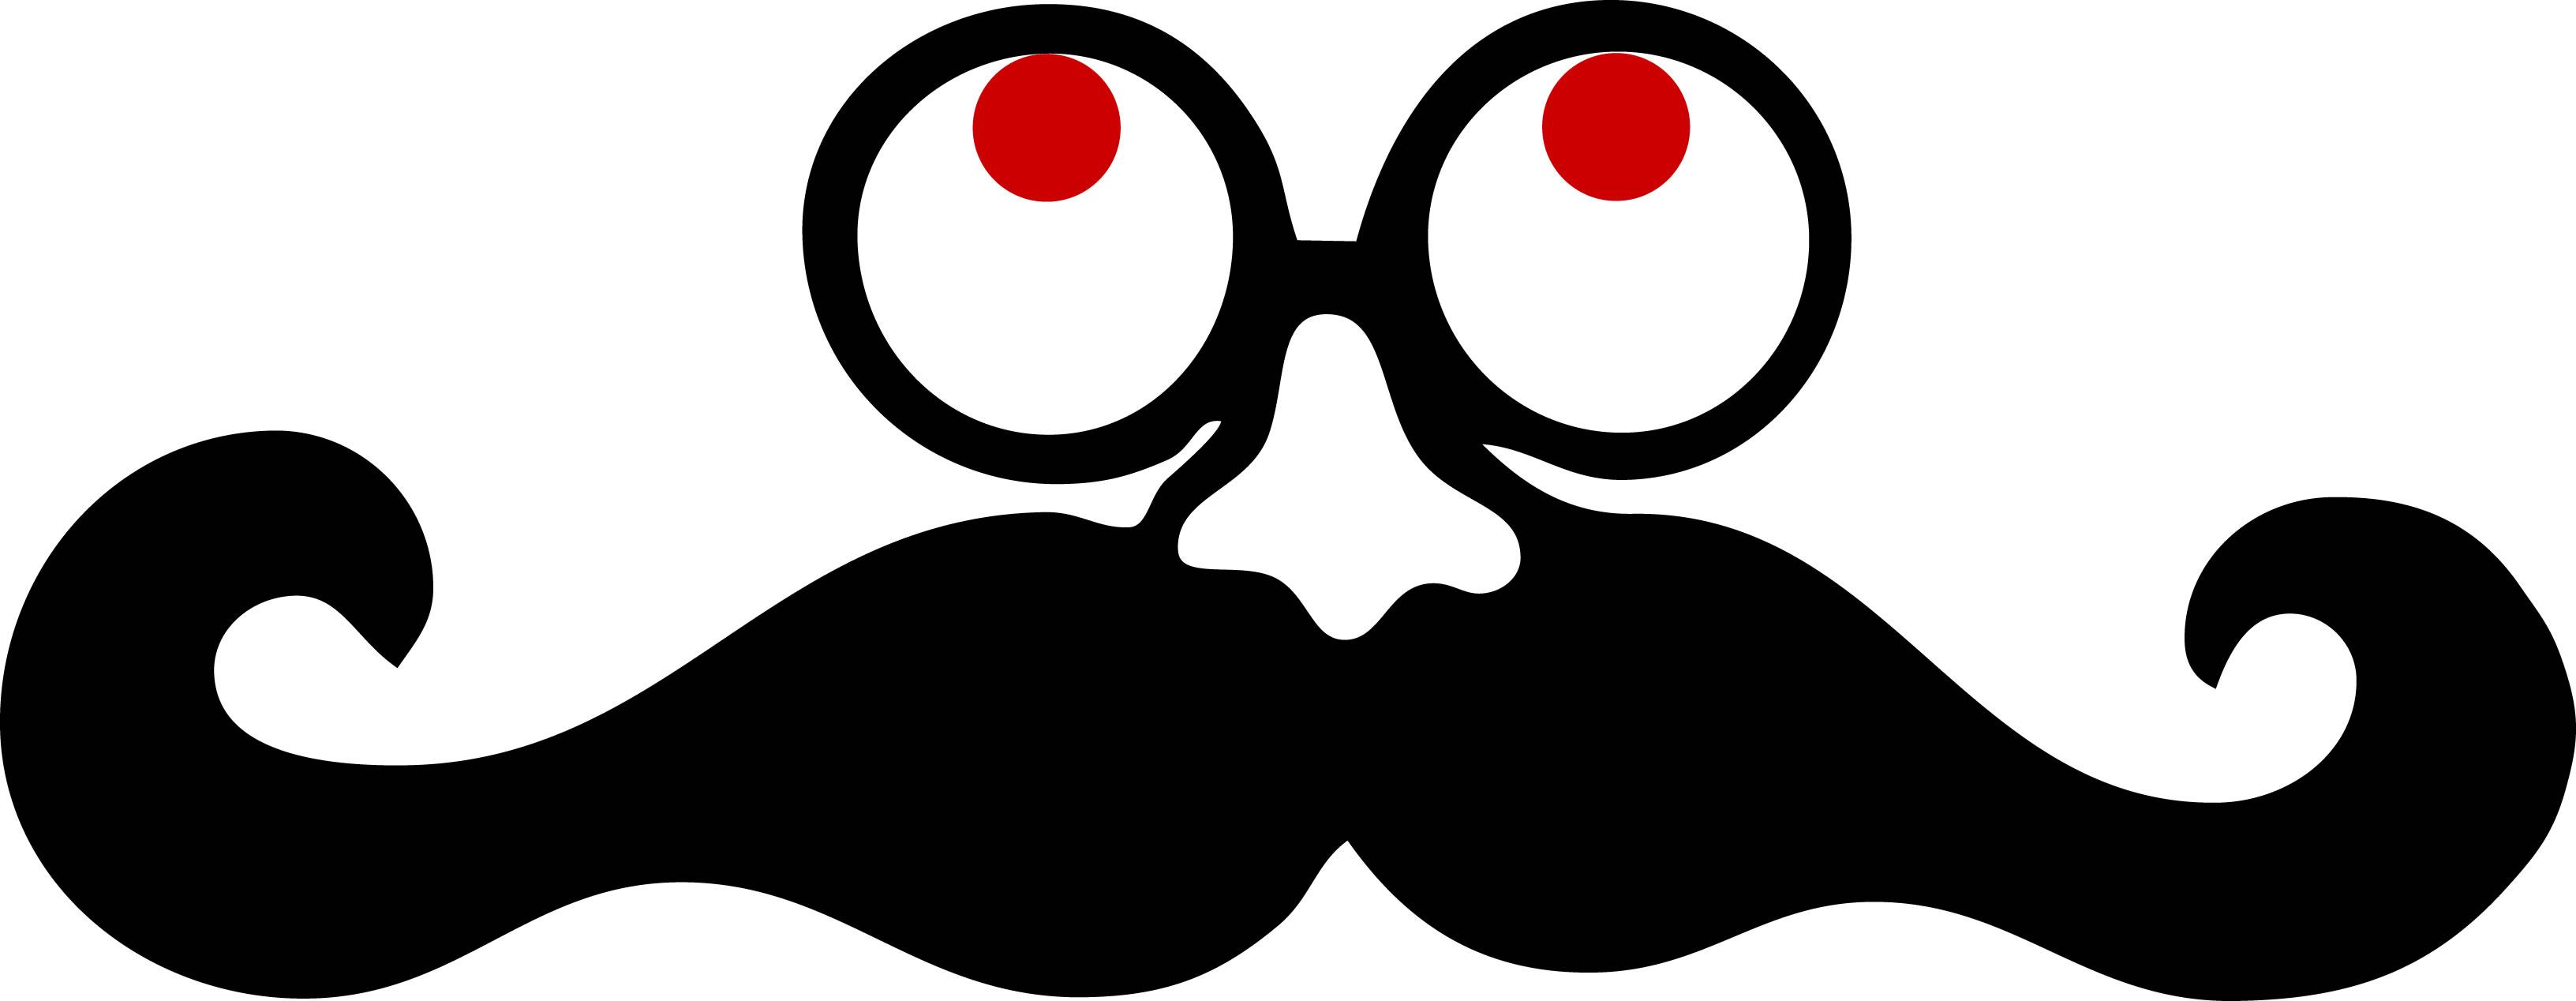 Mustache Clip Art ..-Mustache Clip Art ..-12